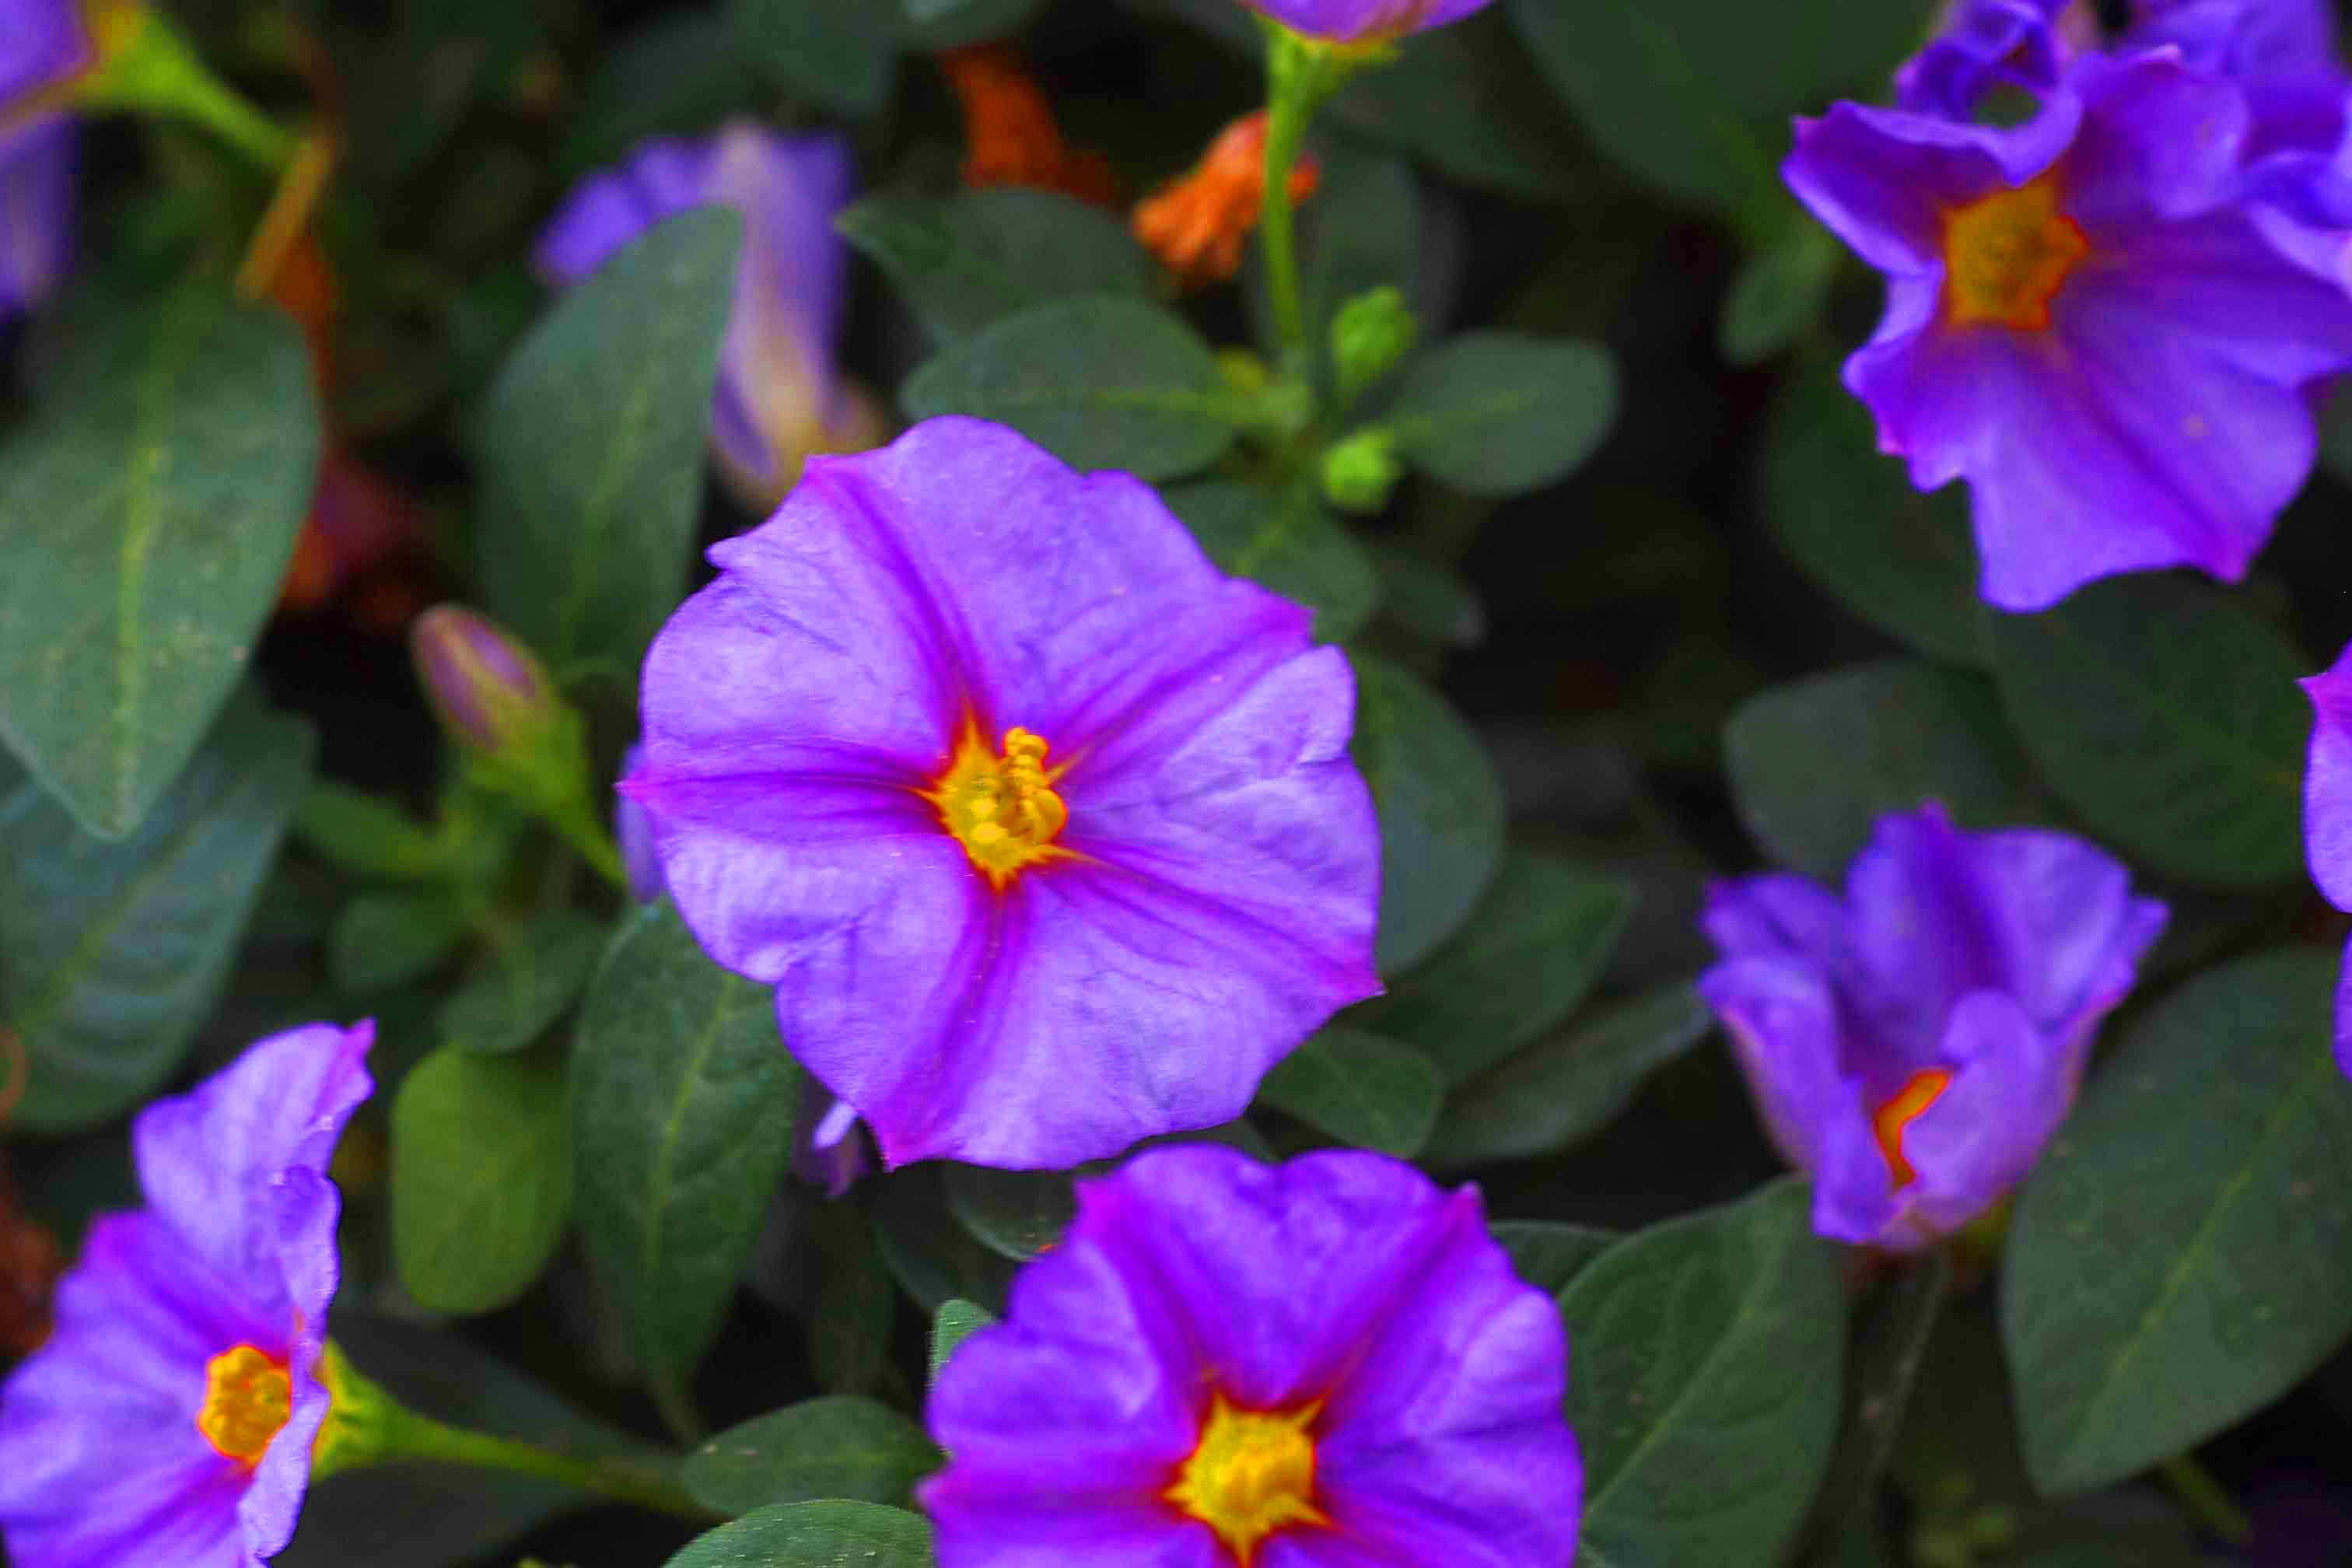 Sommerflor bilder pflanzen versand f r die besten for Pflanzen versand